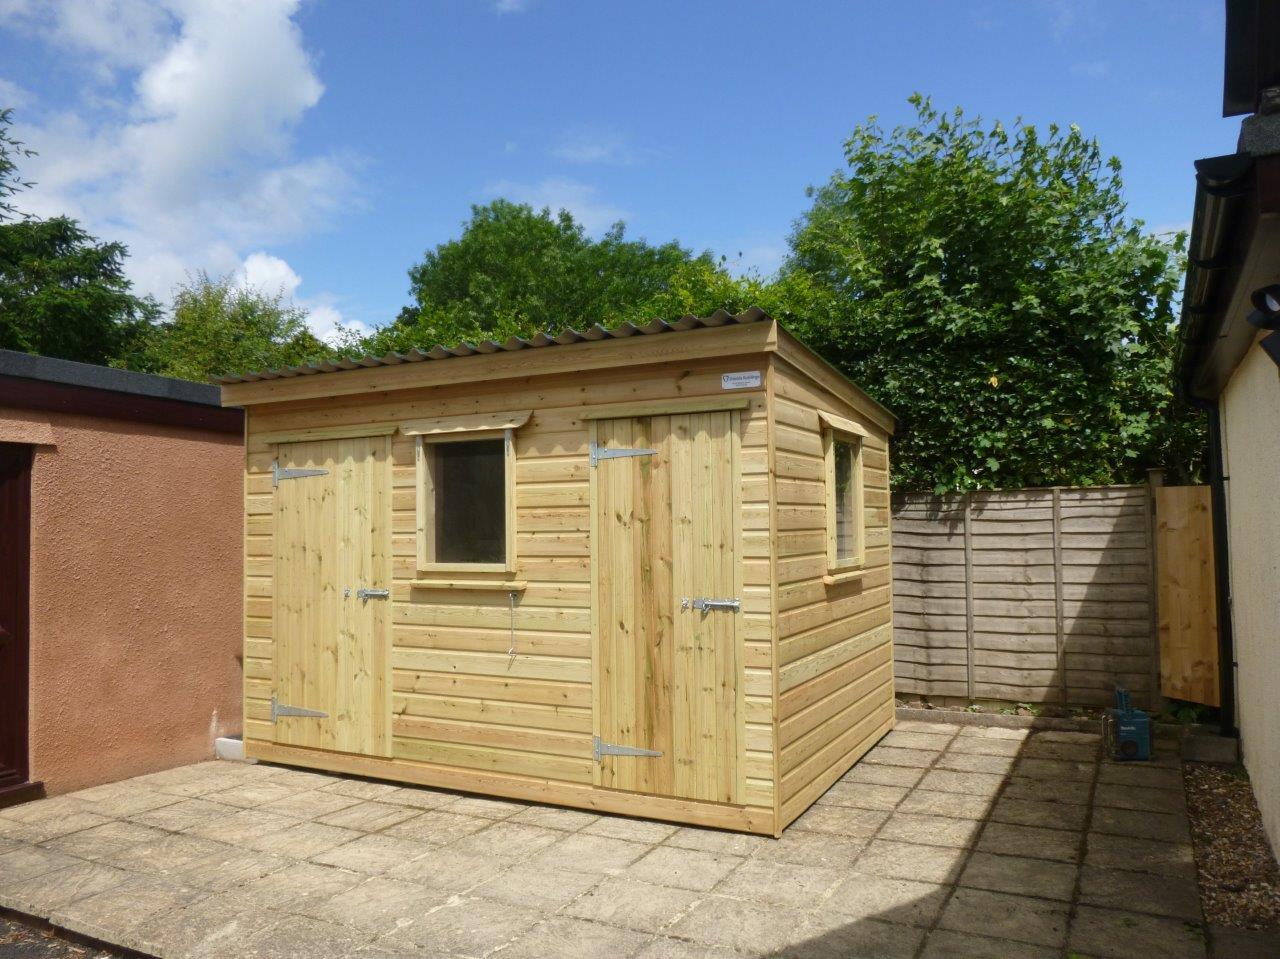 2 door shed